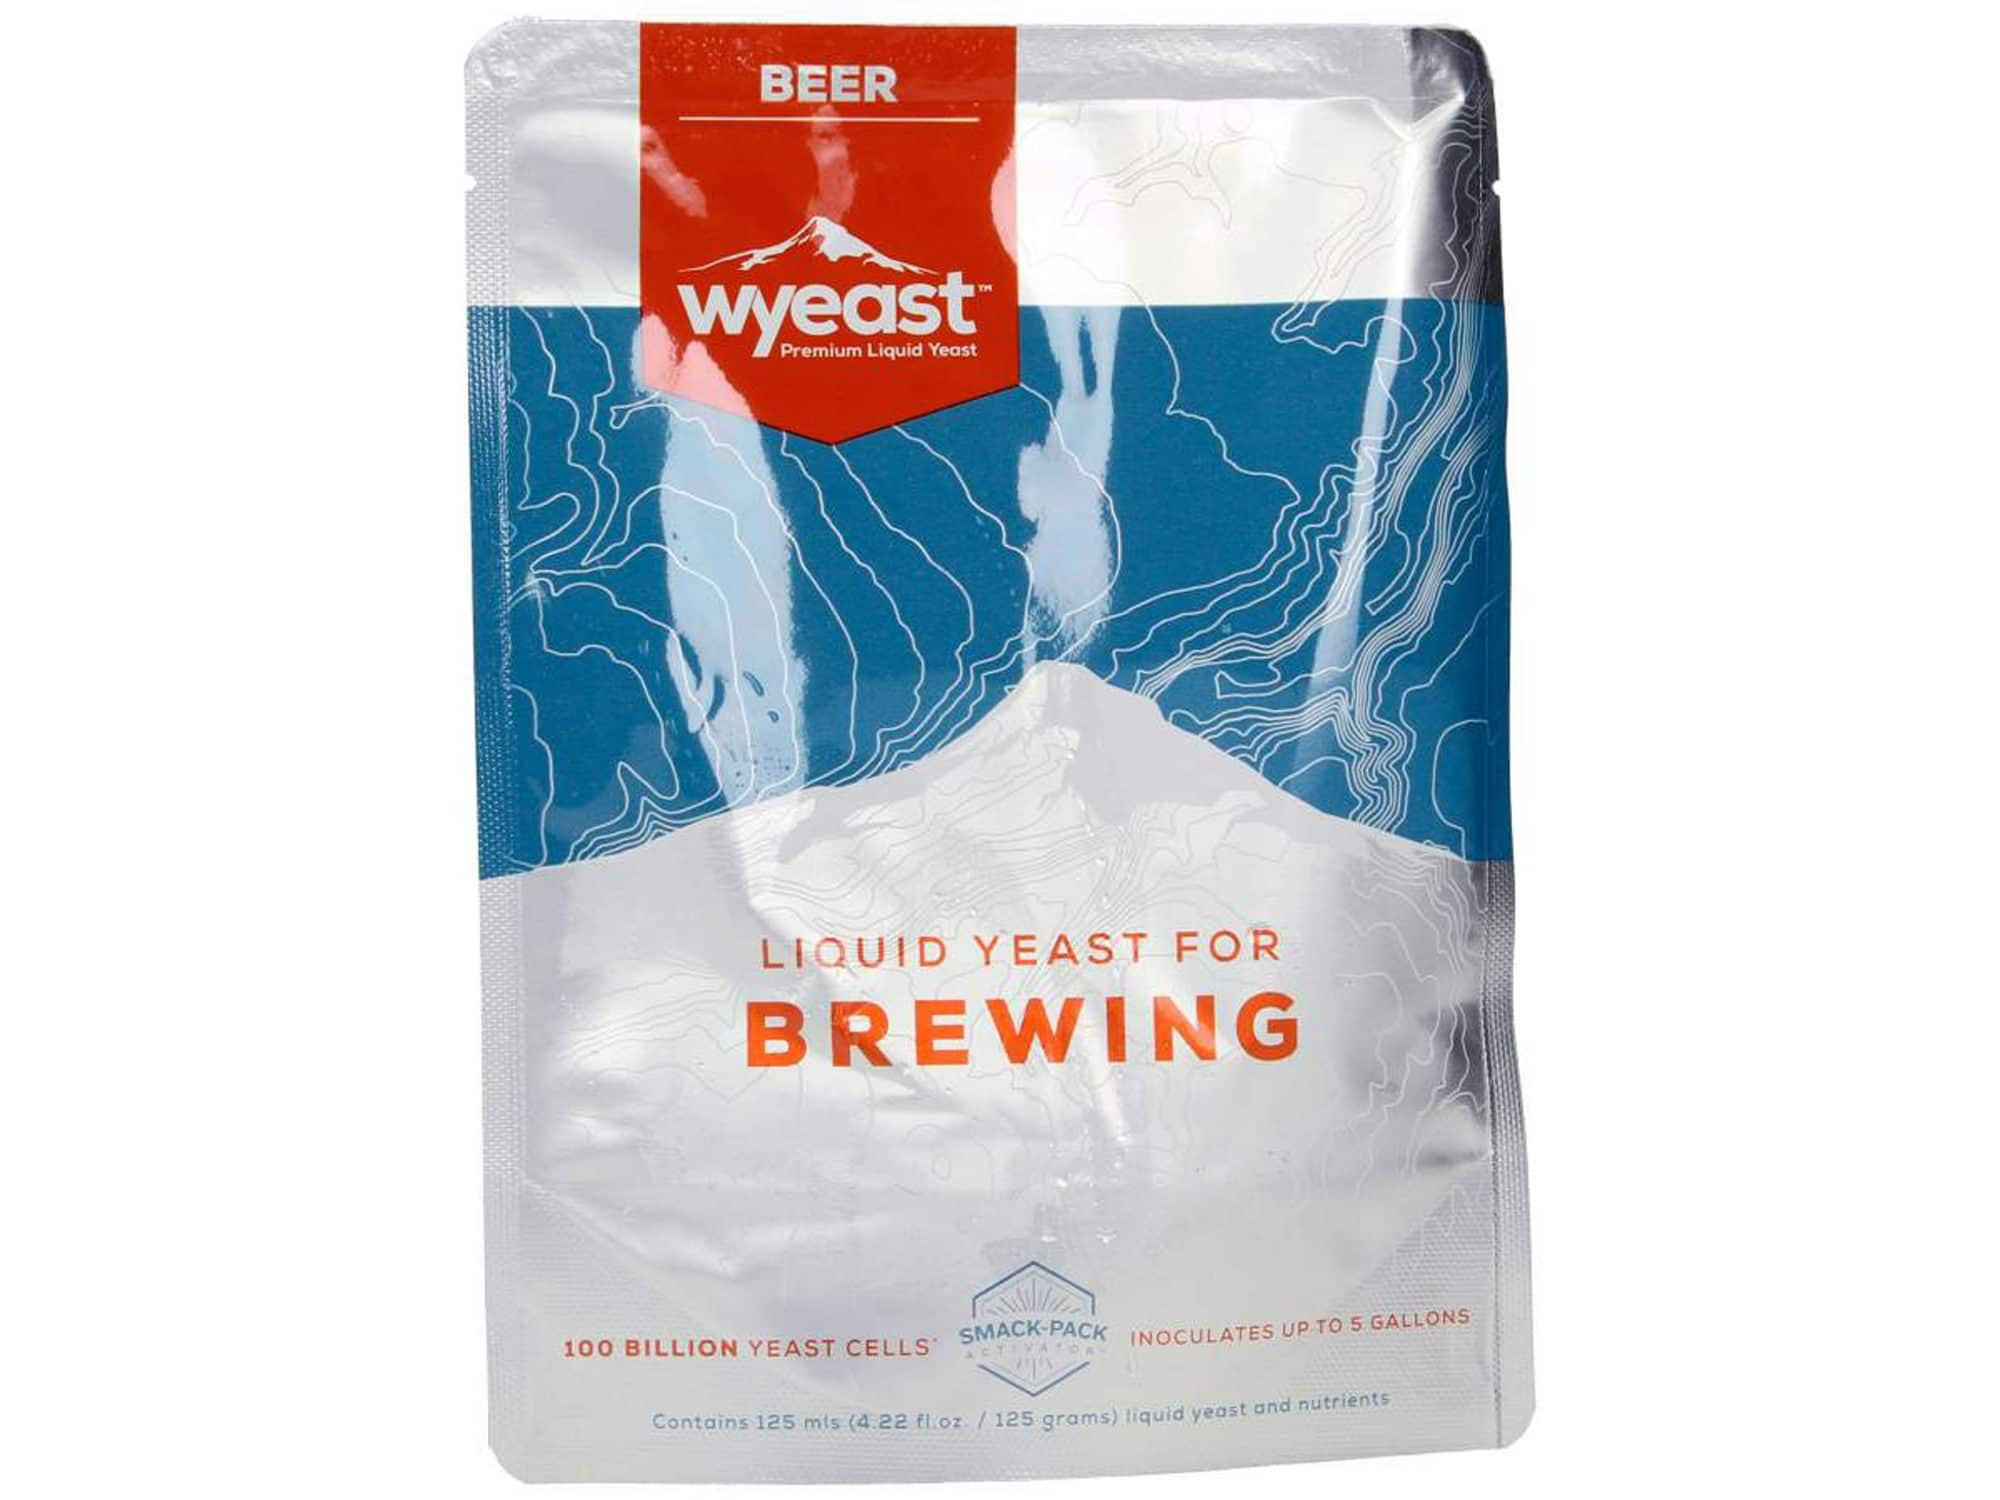 Levures Wyeast : passer aux levures liquides sans souci !